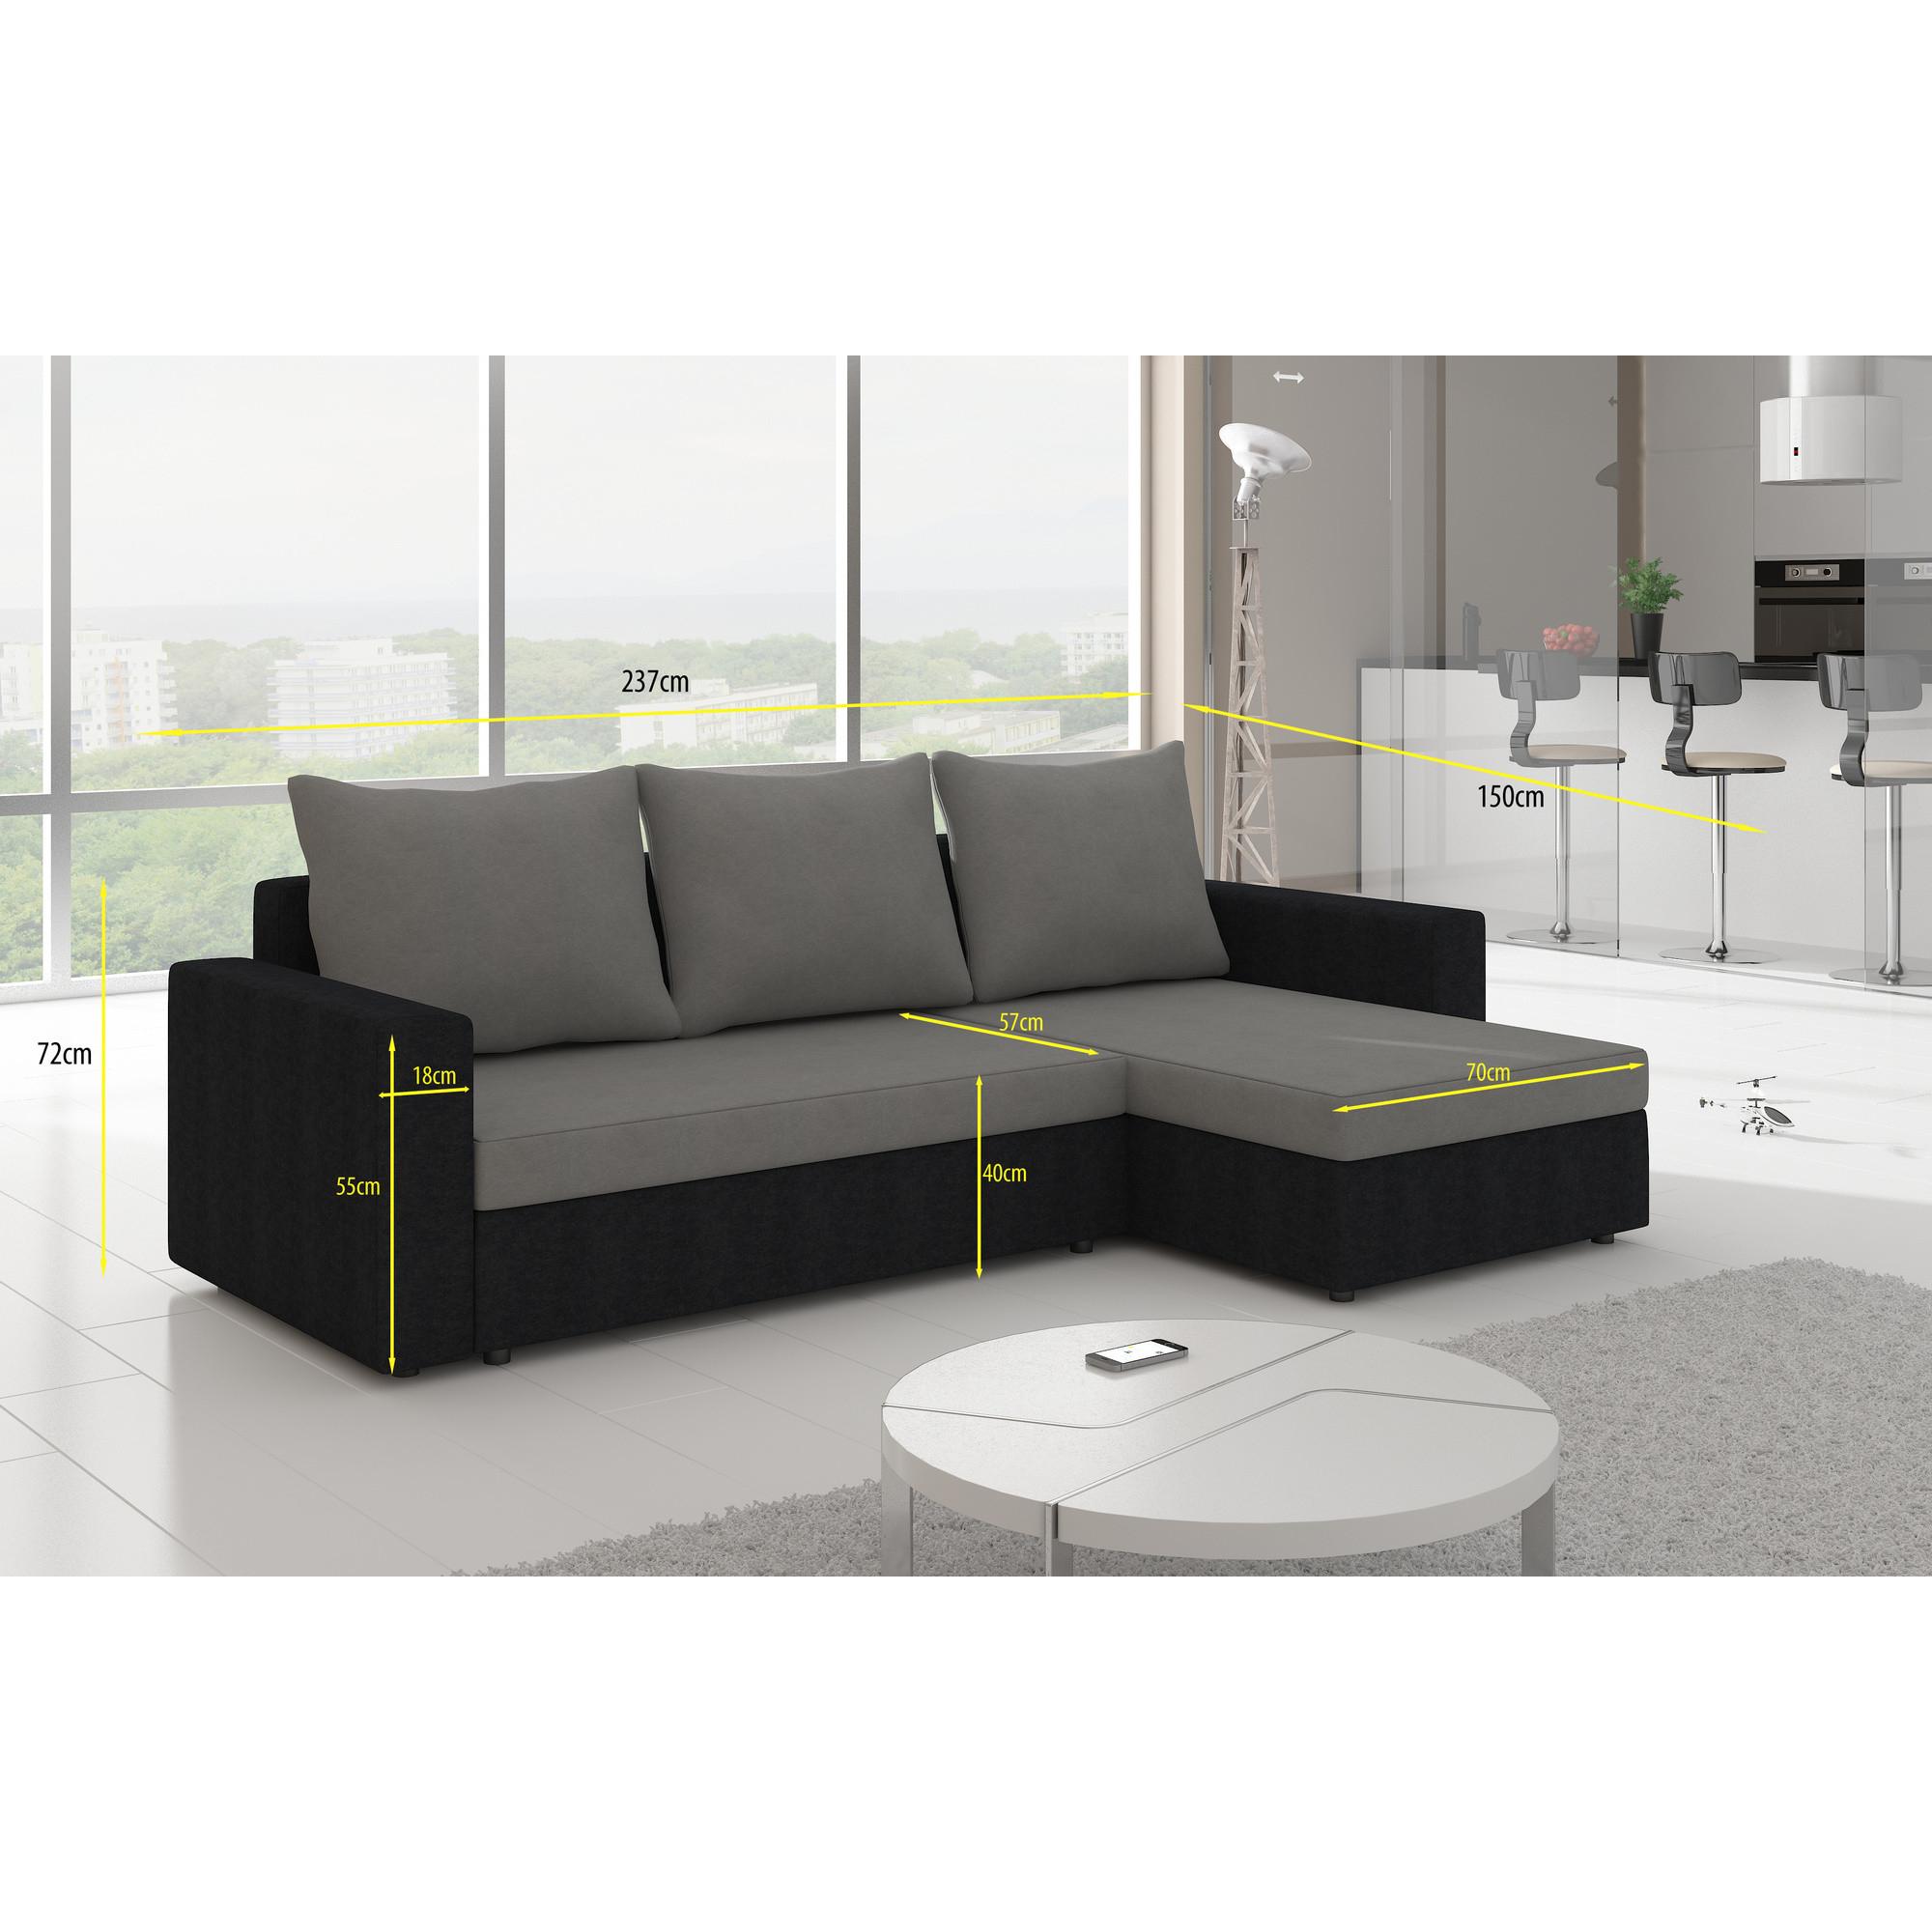 Canapé d angle convertible 3 places en simili cuir noir et